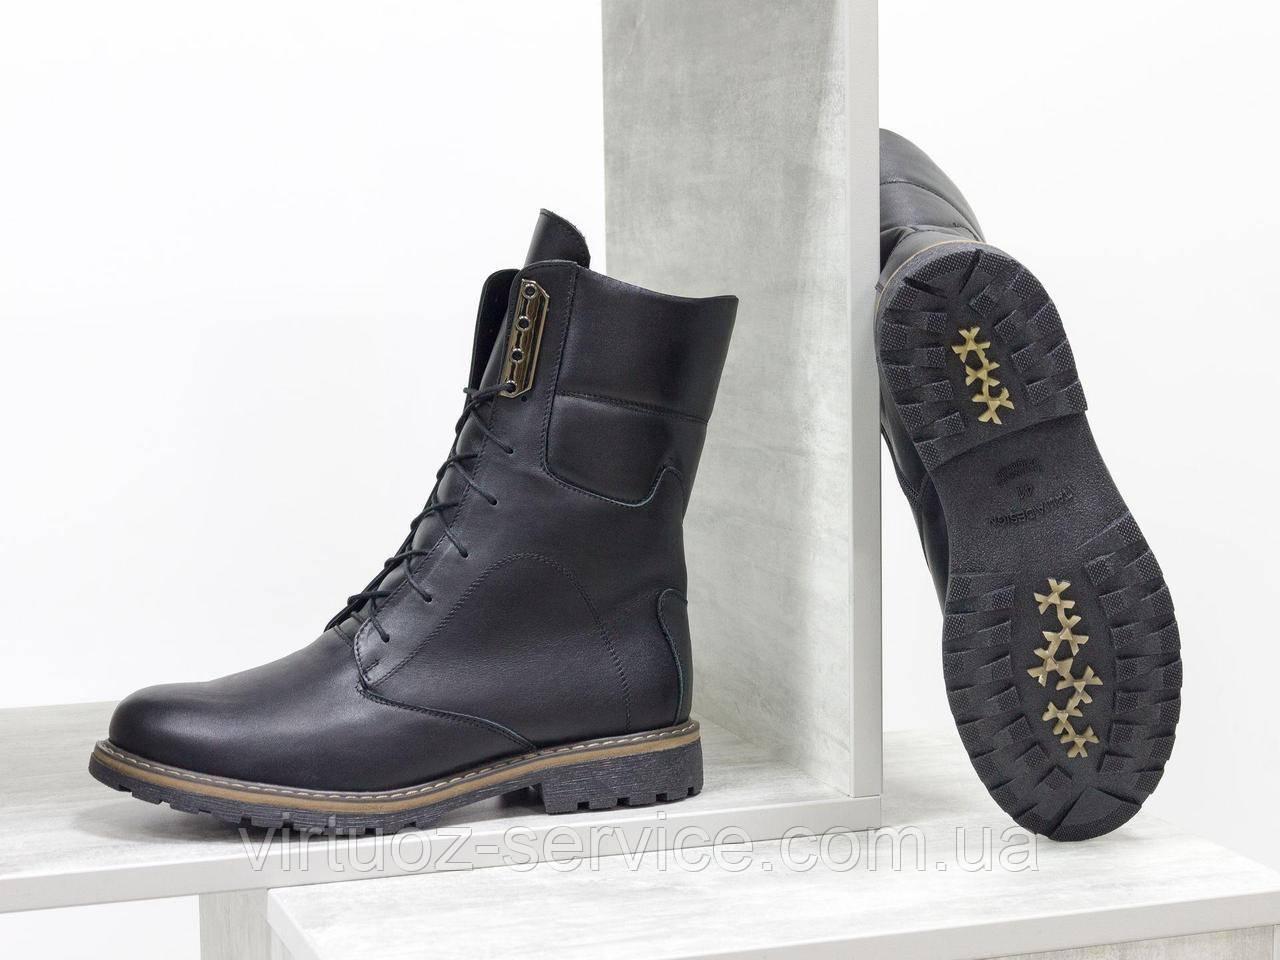 Ботинки женские Gino Figini Б-44-11 из натуральной кожи 39 Черный